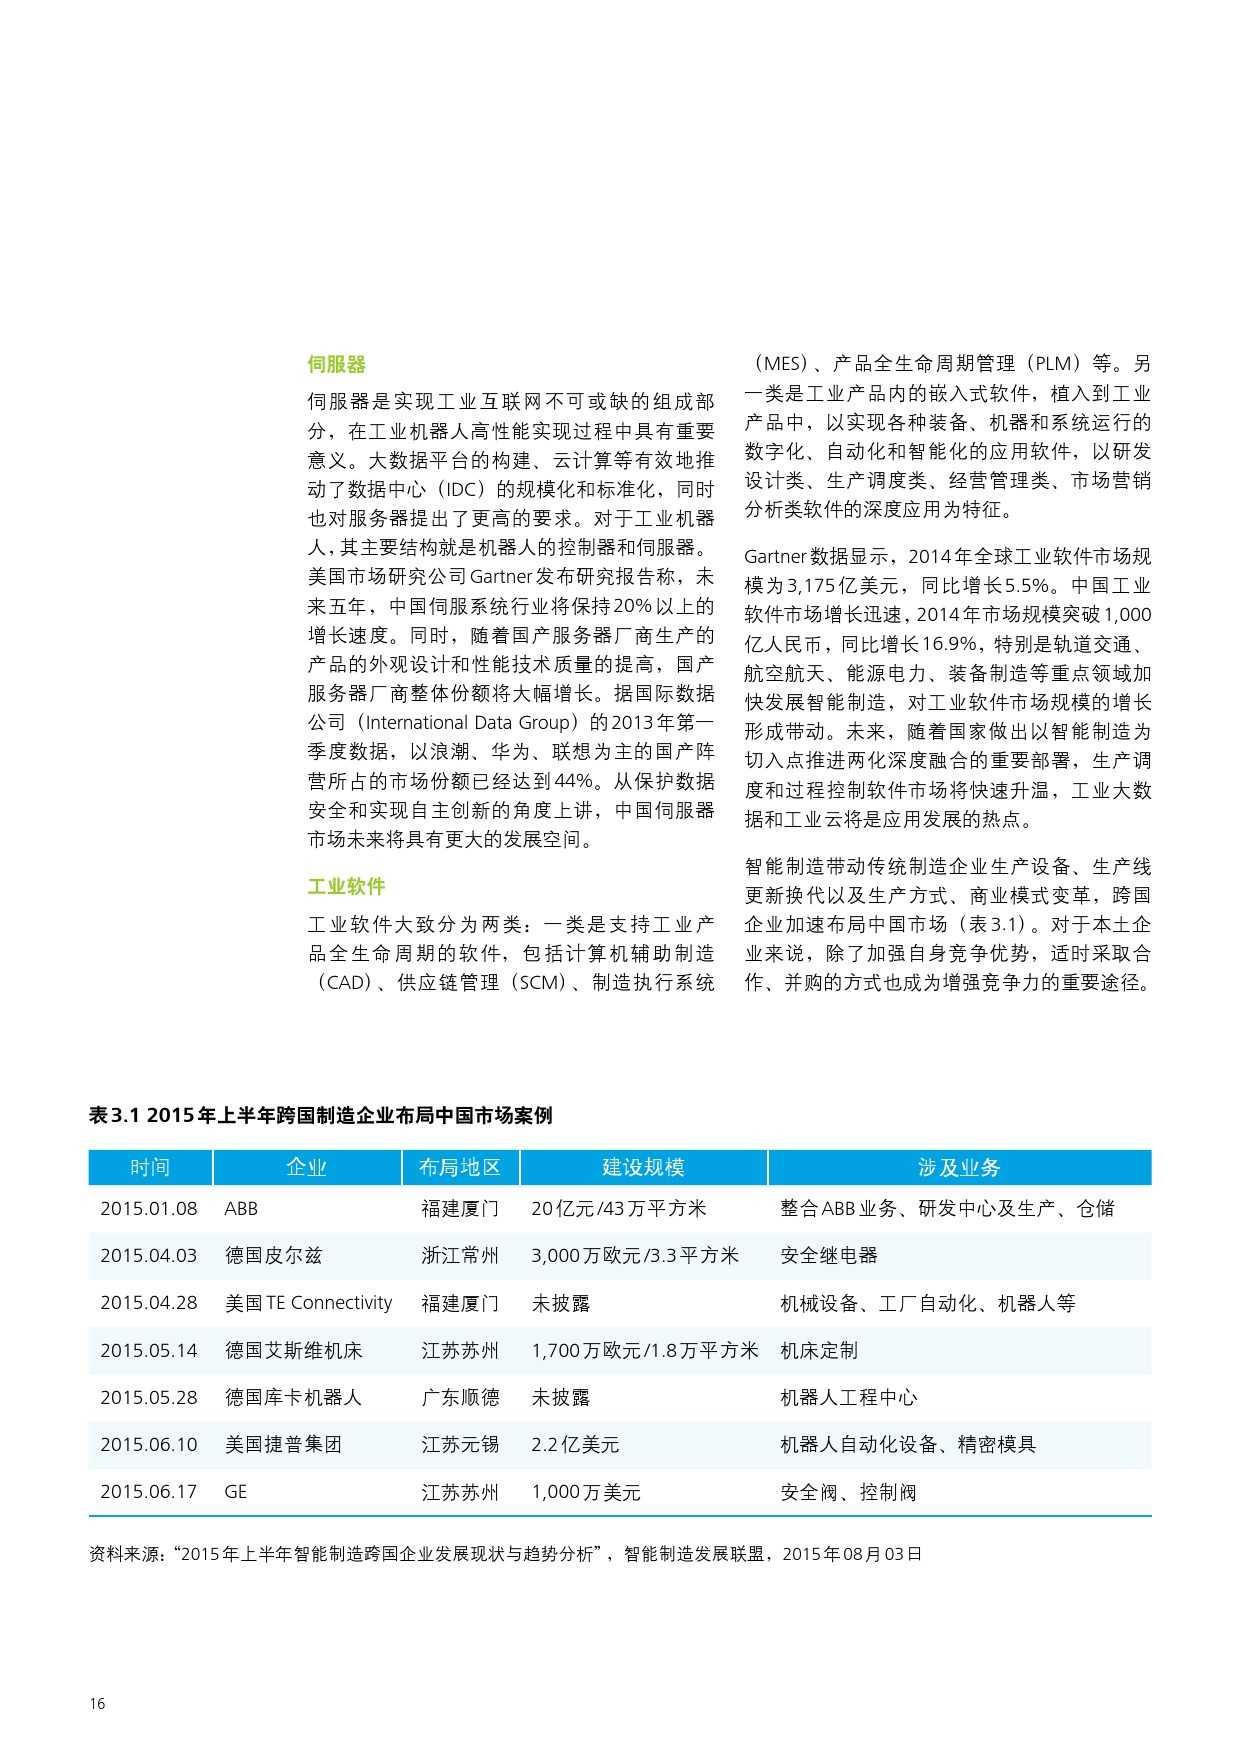 2015年中国制造业企业信息化调查_000018